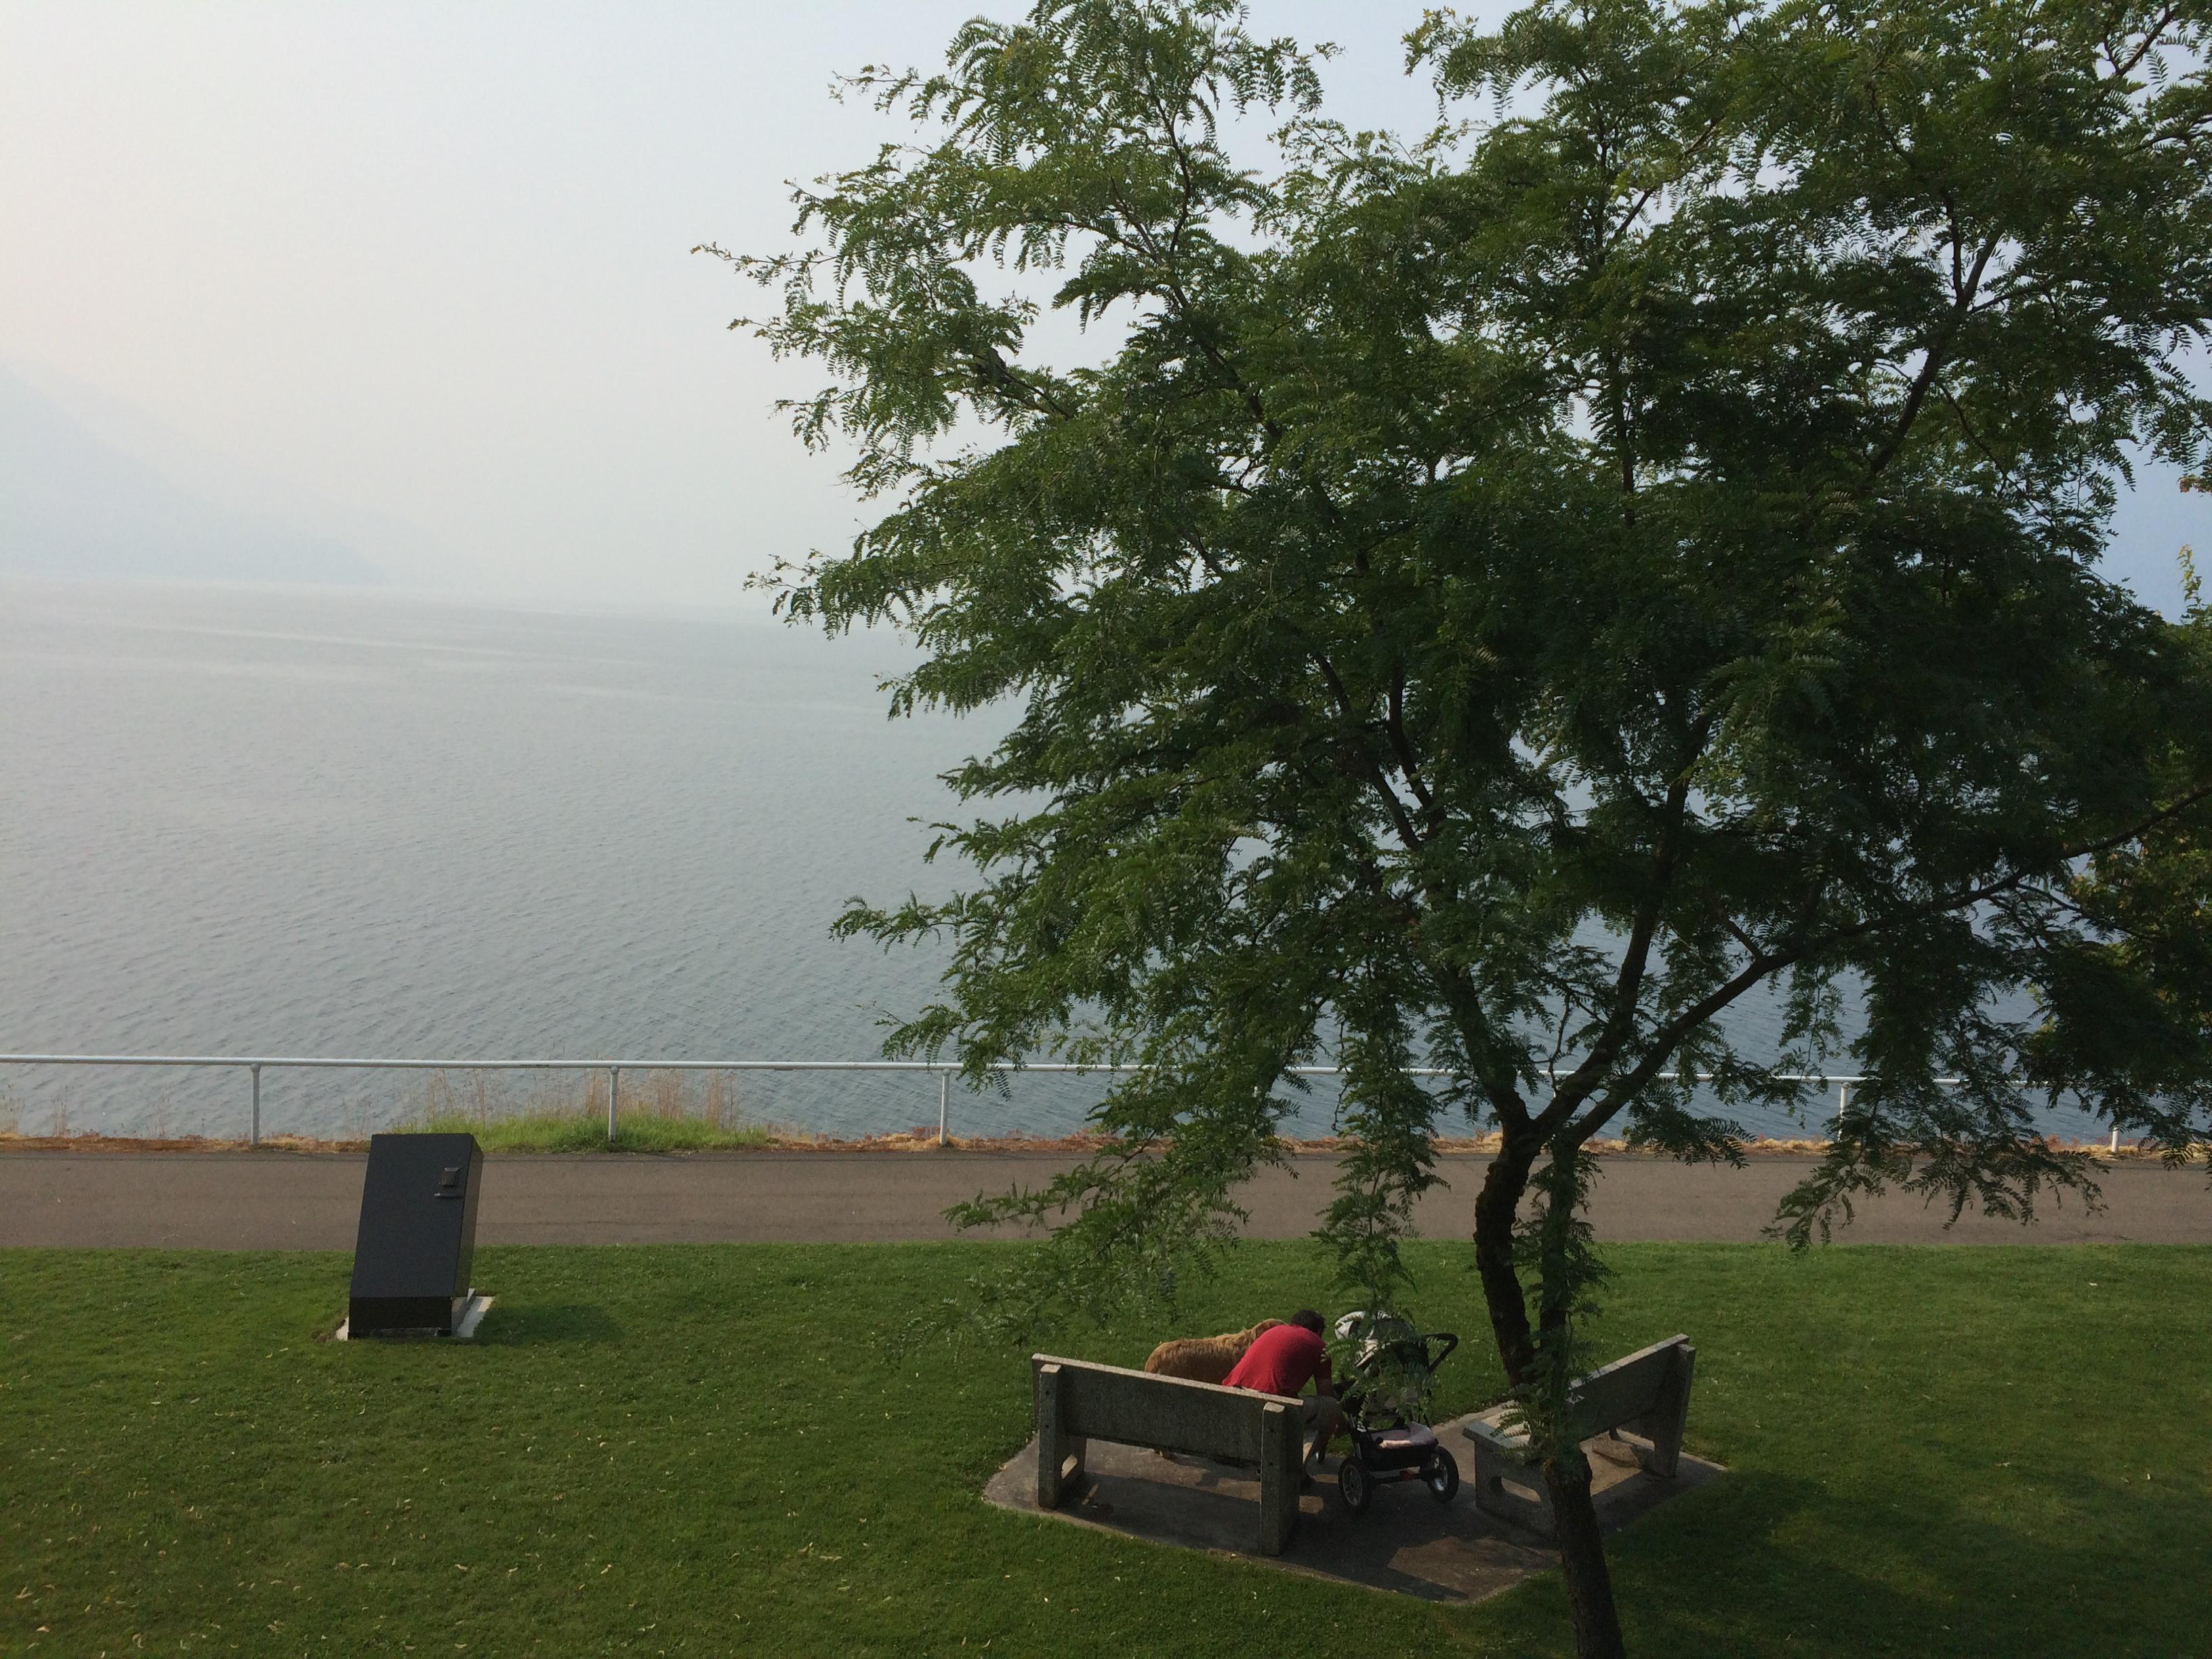 Heavy smoke over the lake at Nakusp